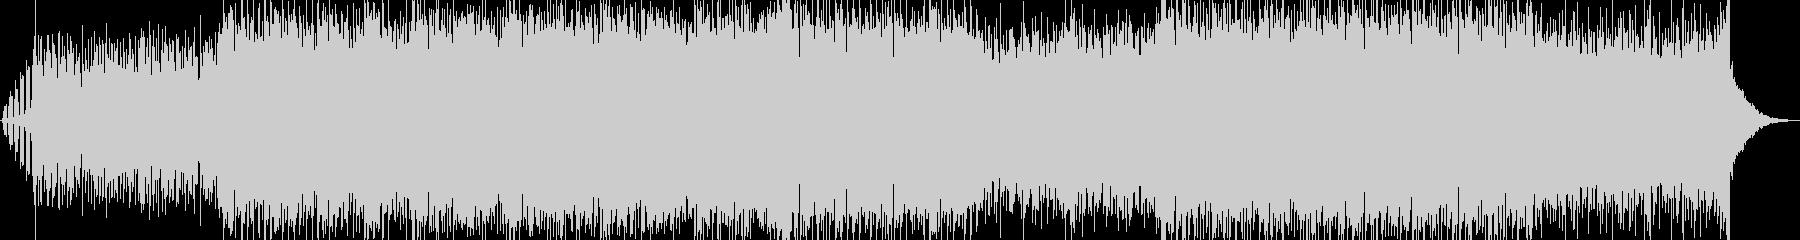 ピッコロのメロディが特徴的なダンスポップの未再生の波形